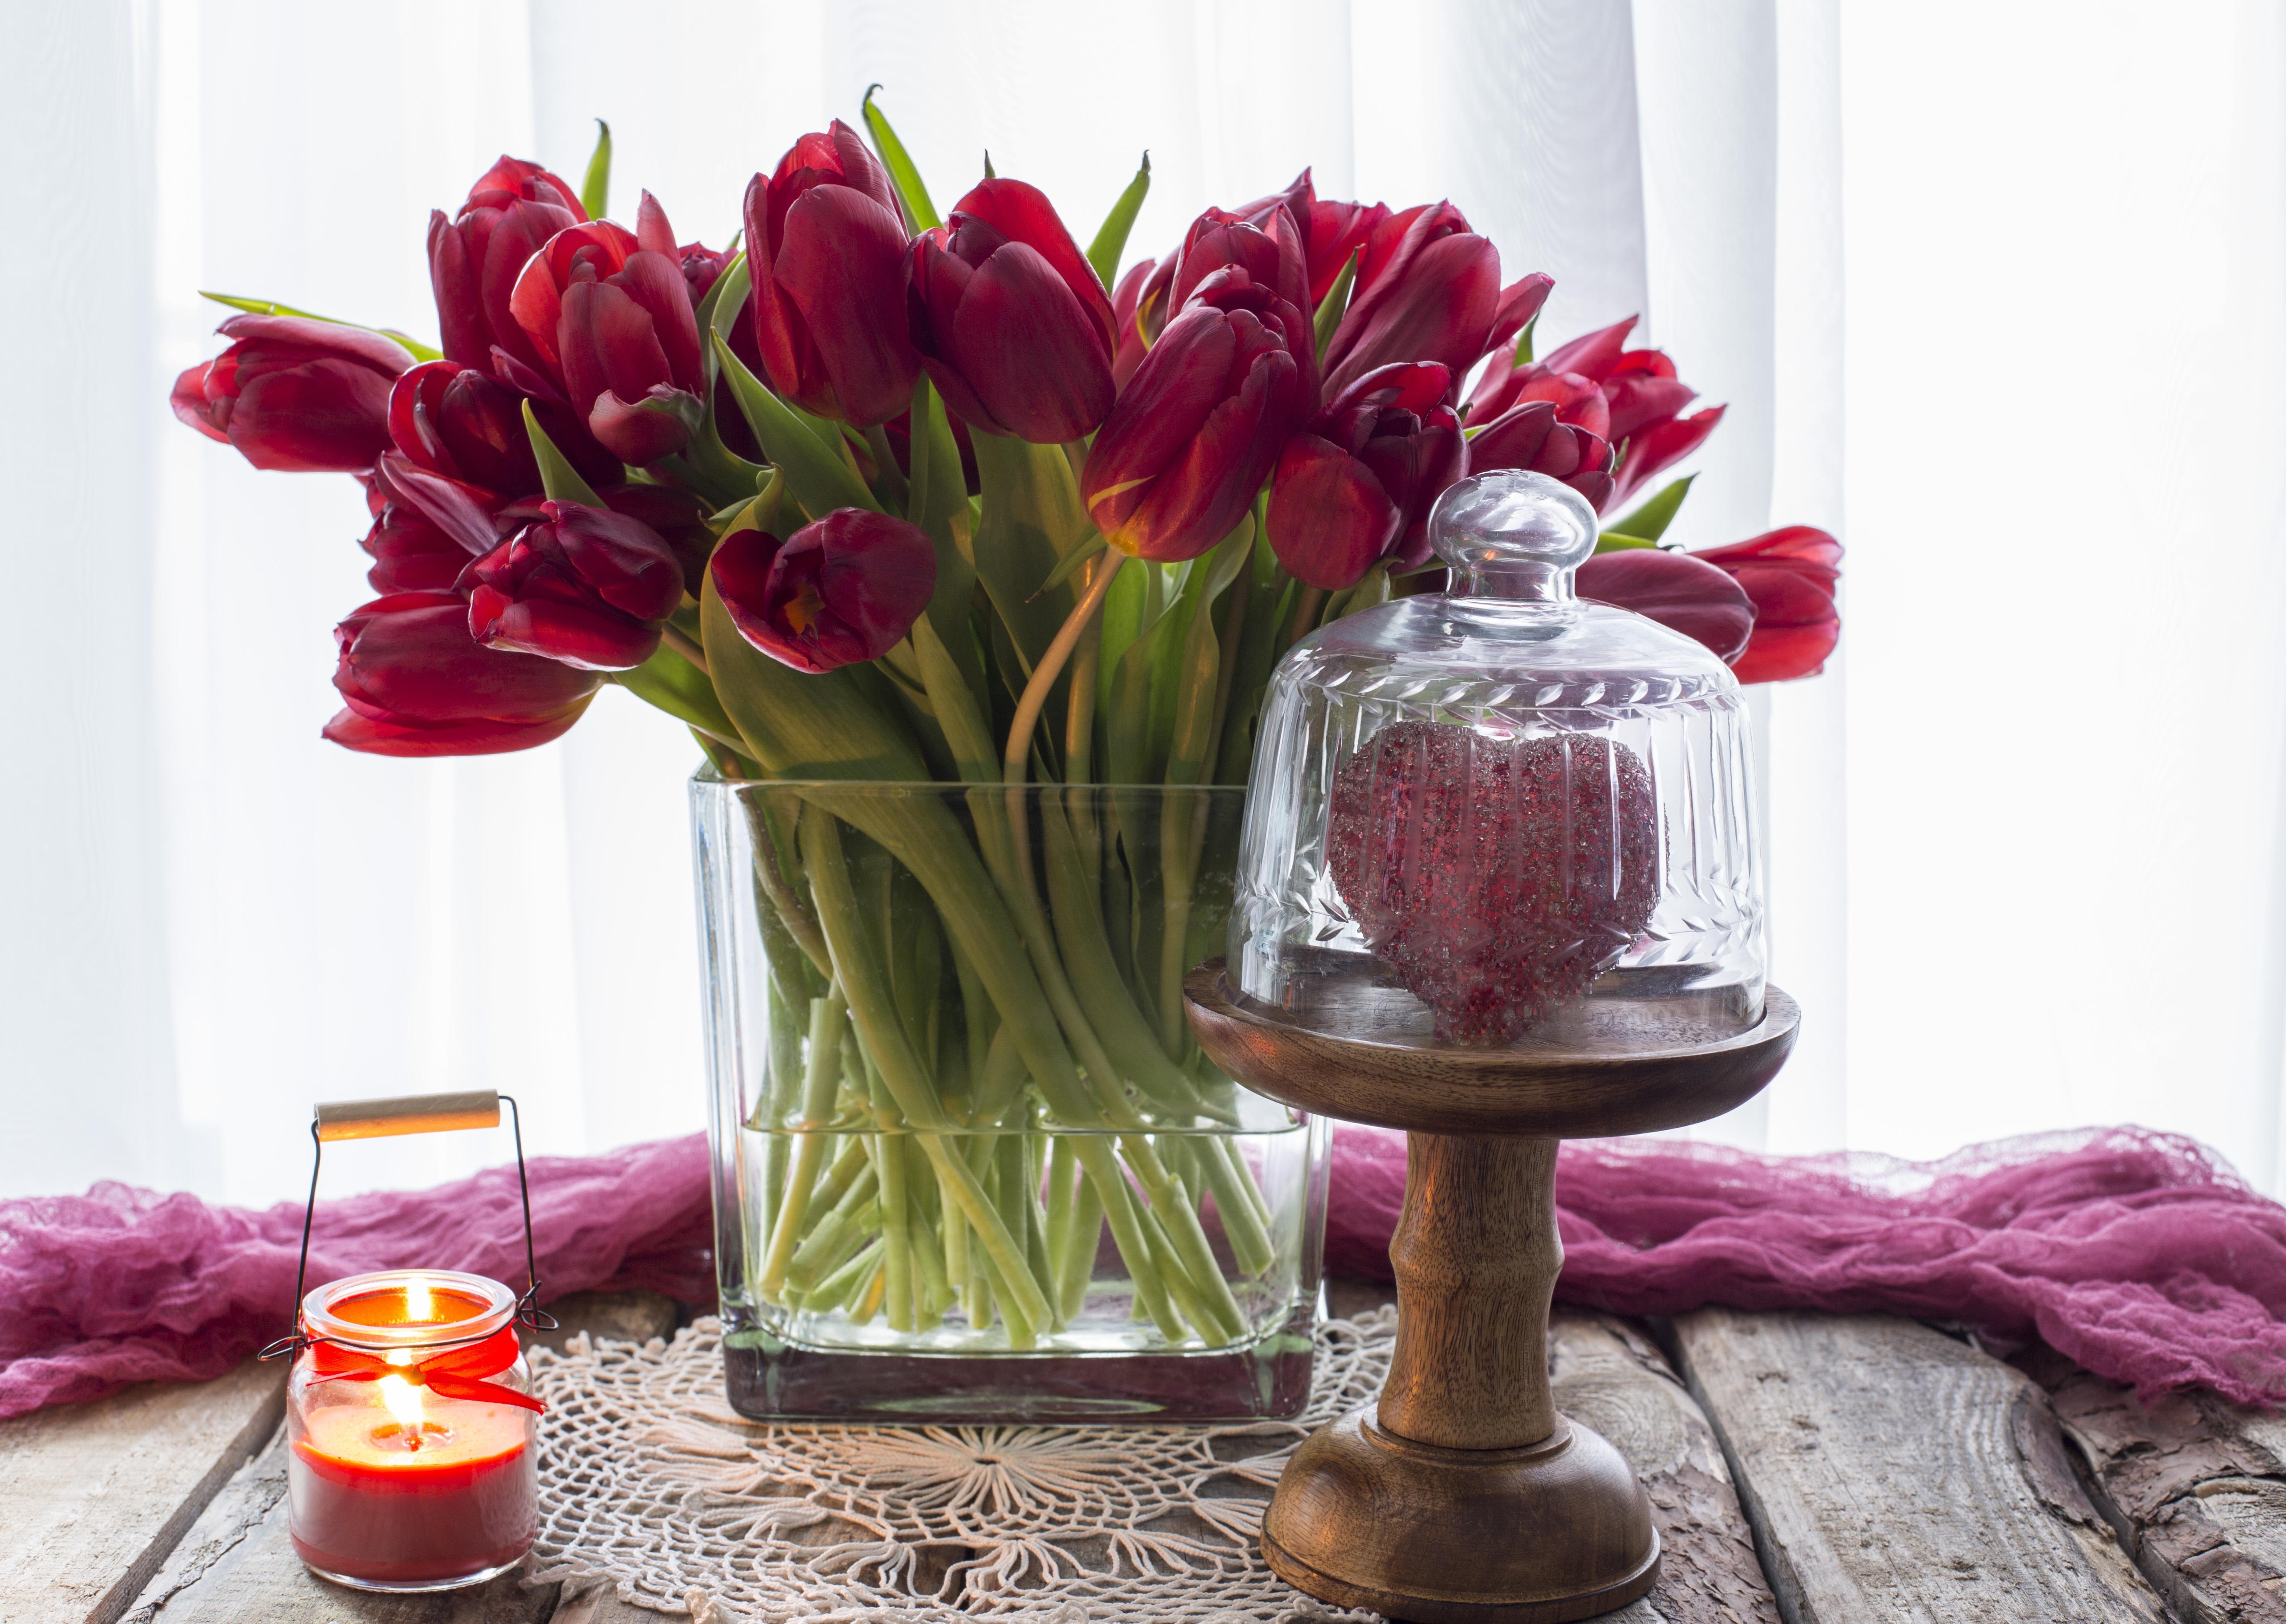 обои на рабочий стол красные тюльпаны в вазе солнышка гостях